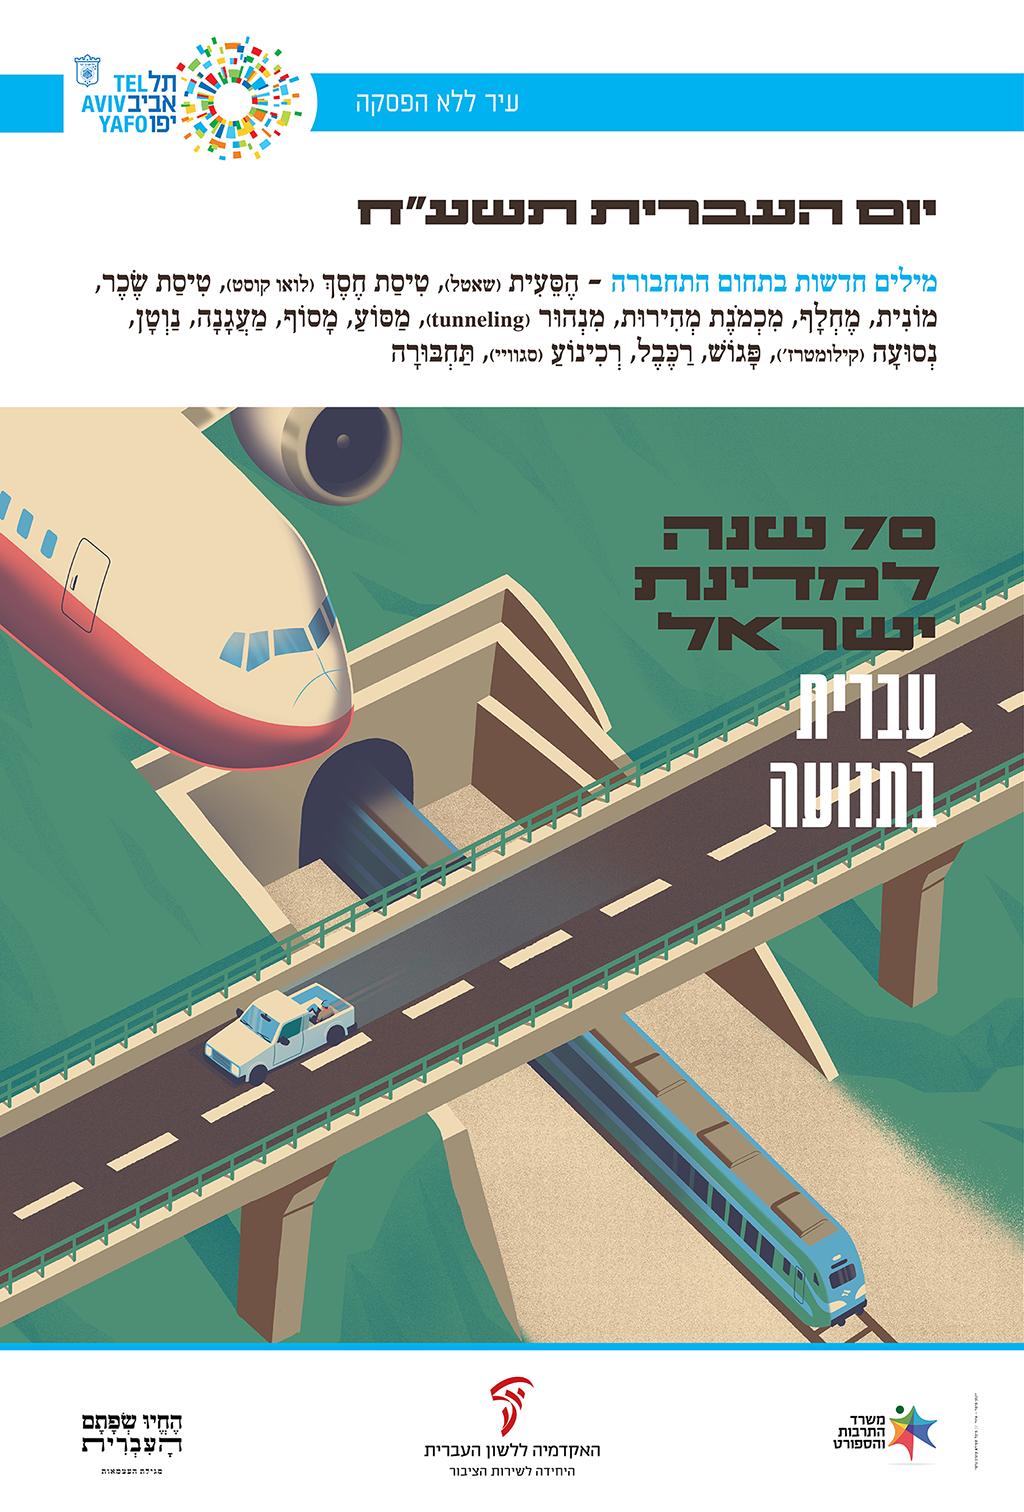 """כרזה ליום העברית תשע""""ח איור של מטוס, רכבת ורכב על מחלף וכיתוב """"עברית בתנועה"""""""